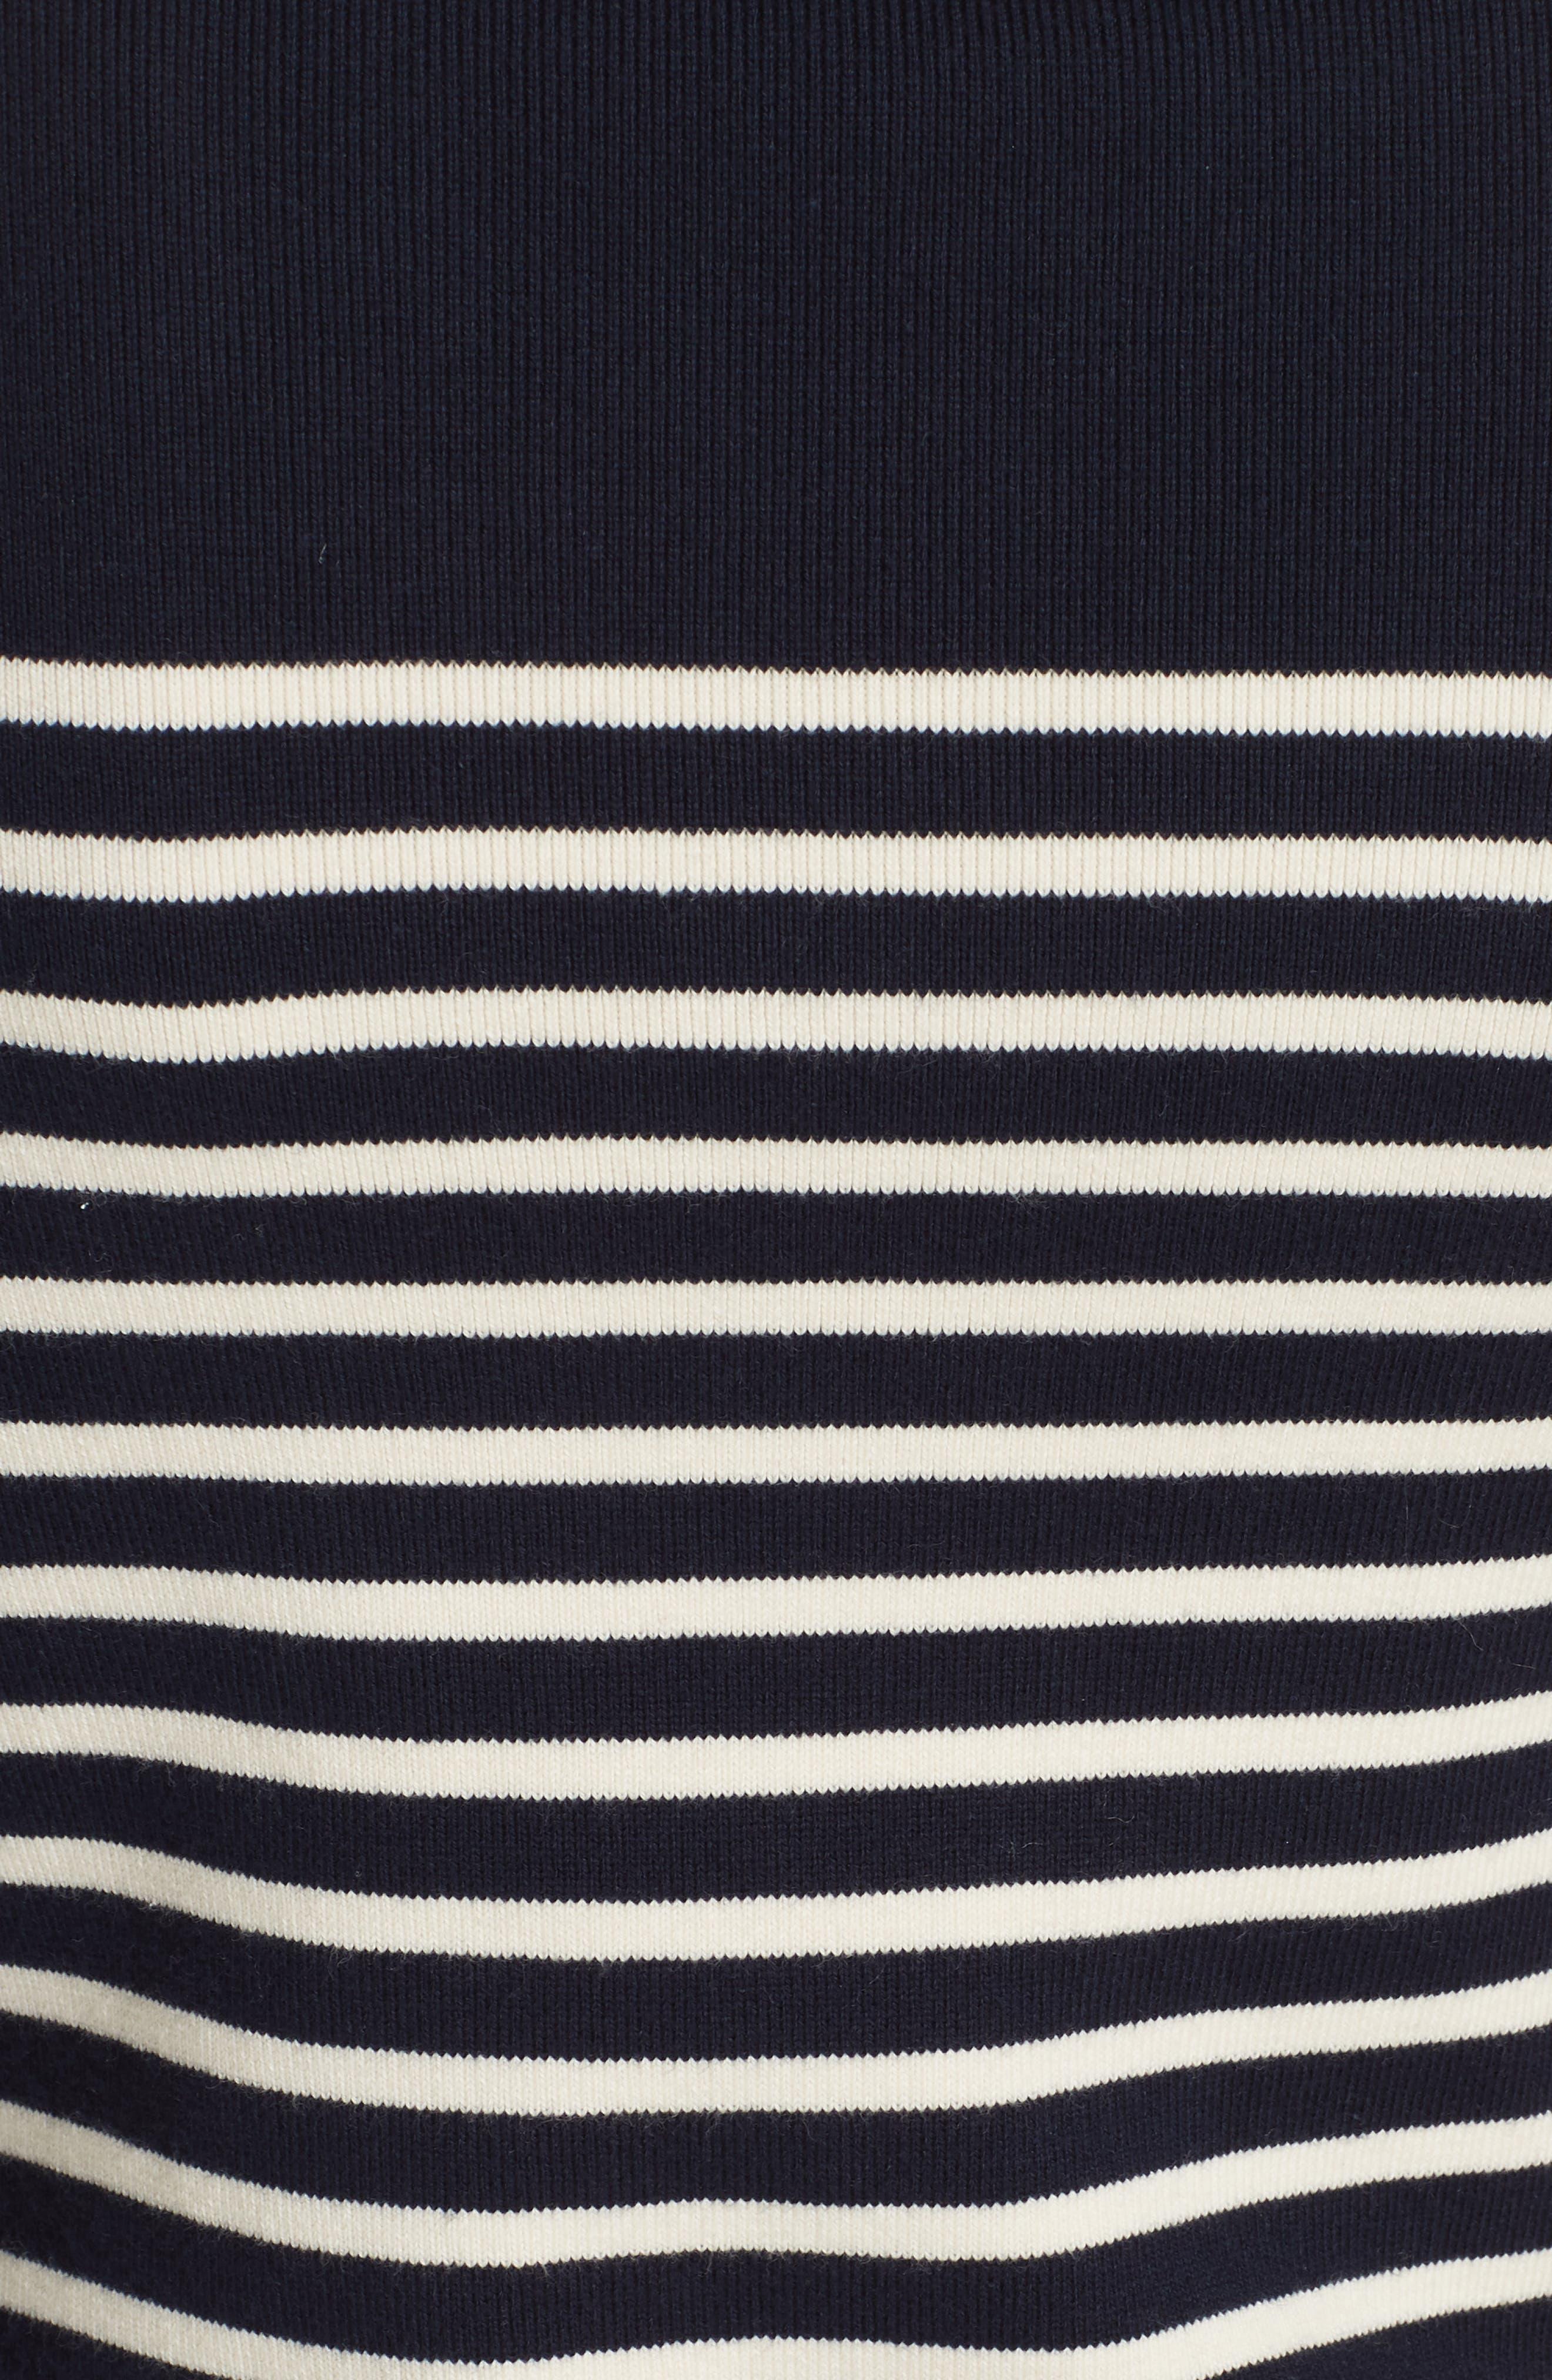 Classique Stripe Sweater,                             Alternate thumbnail 5, color,                             401